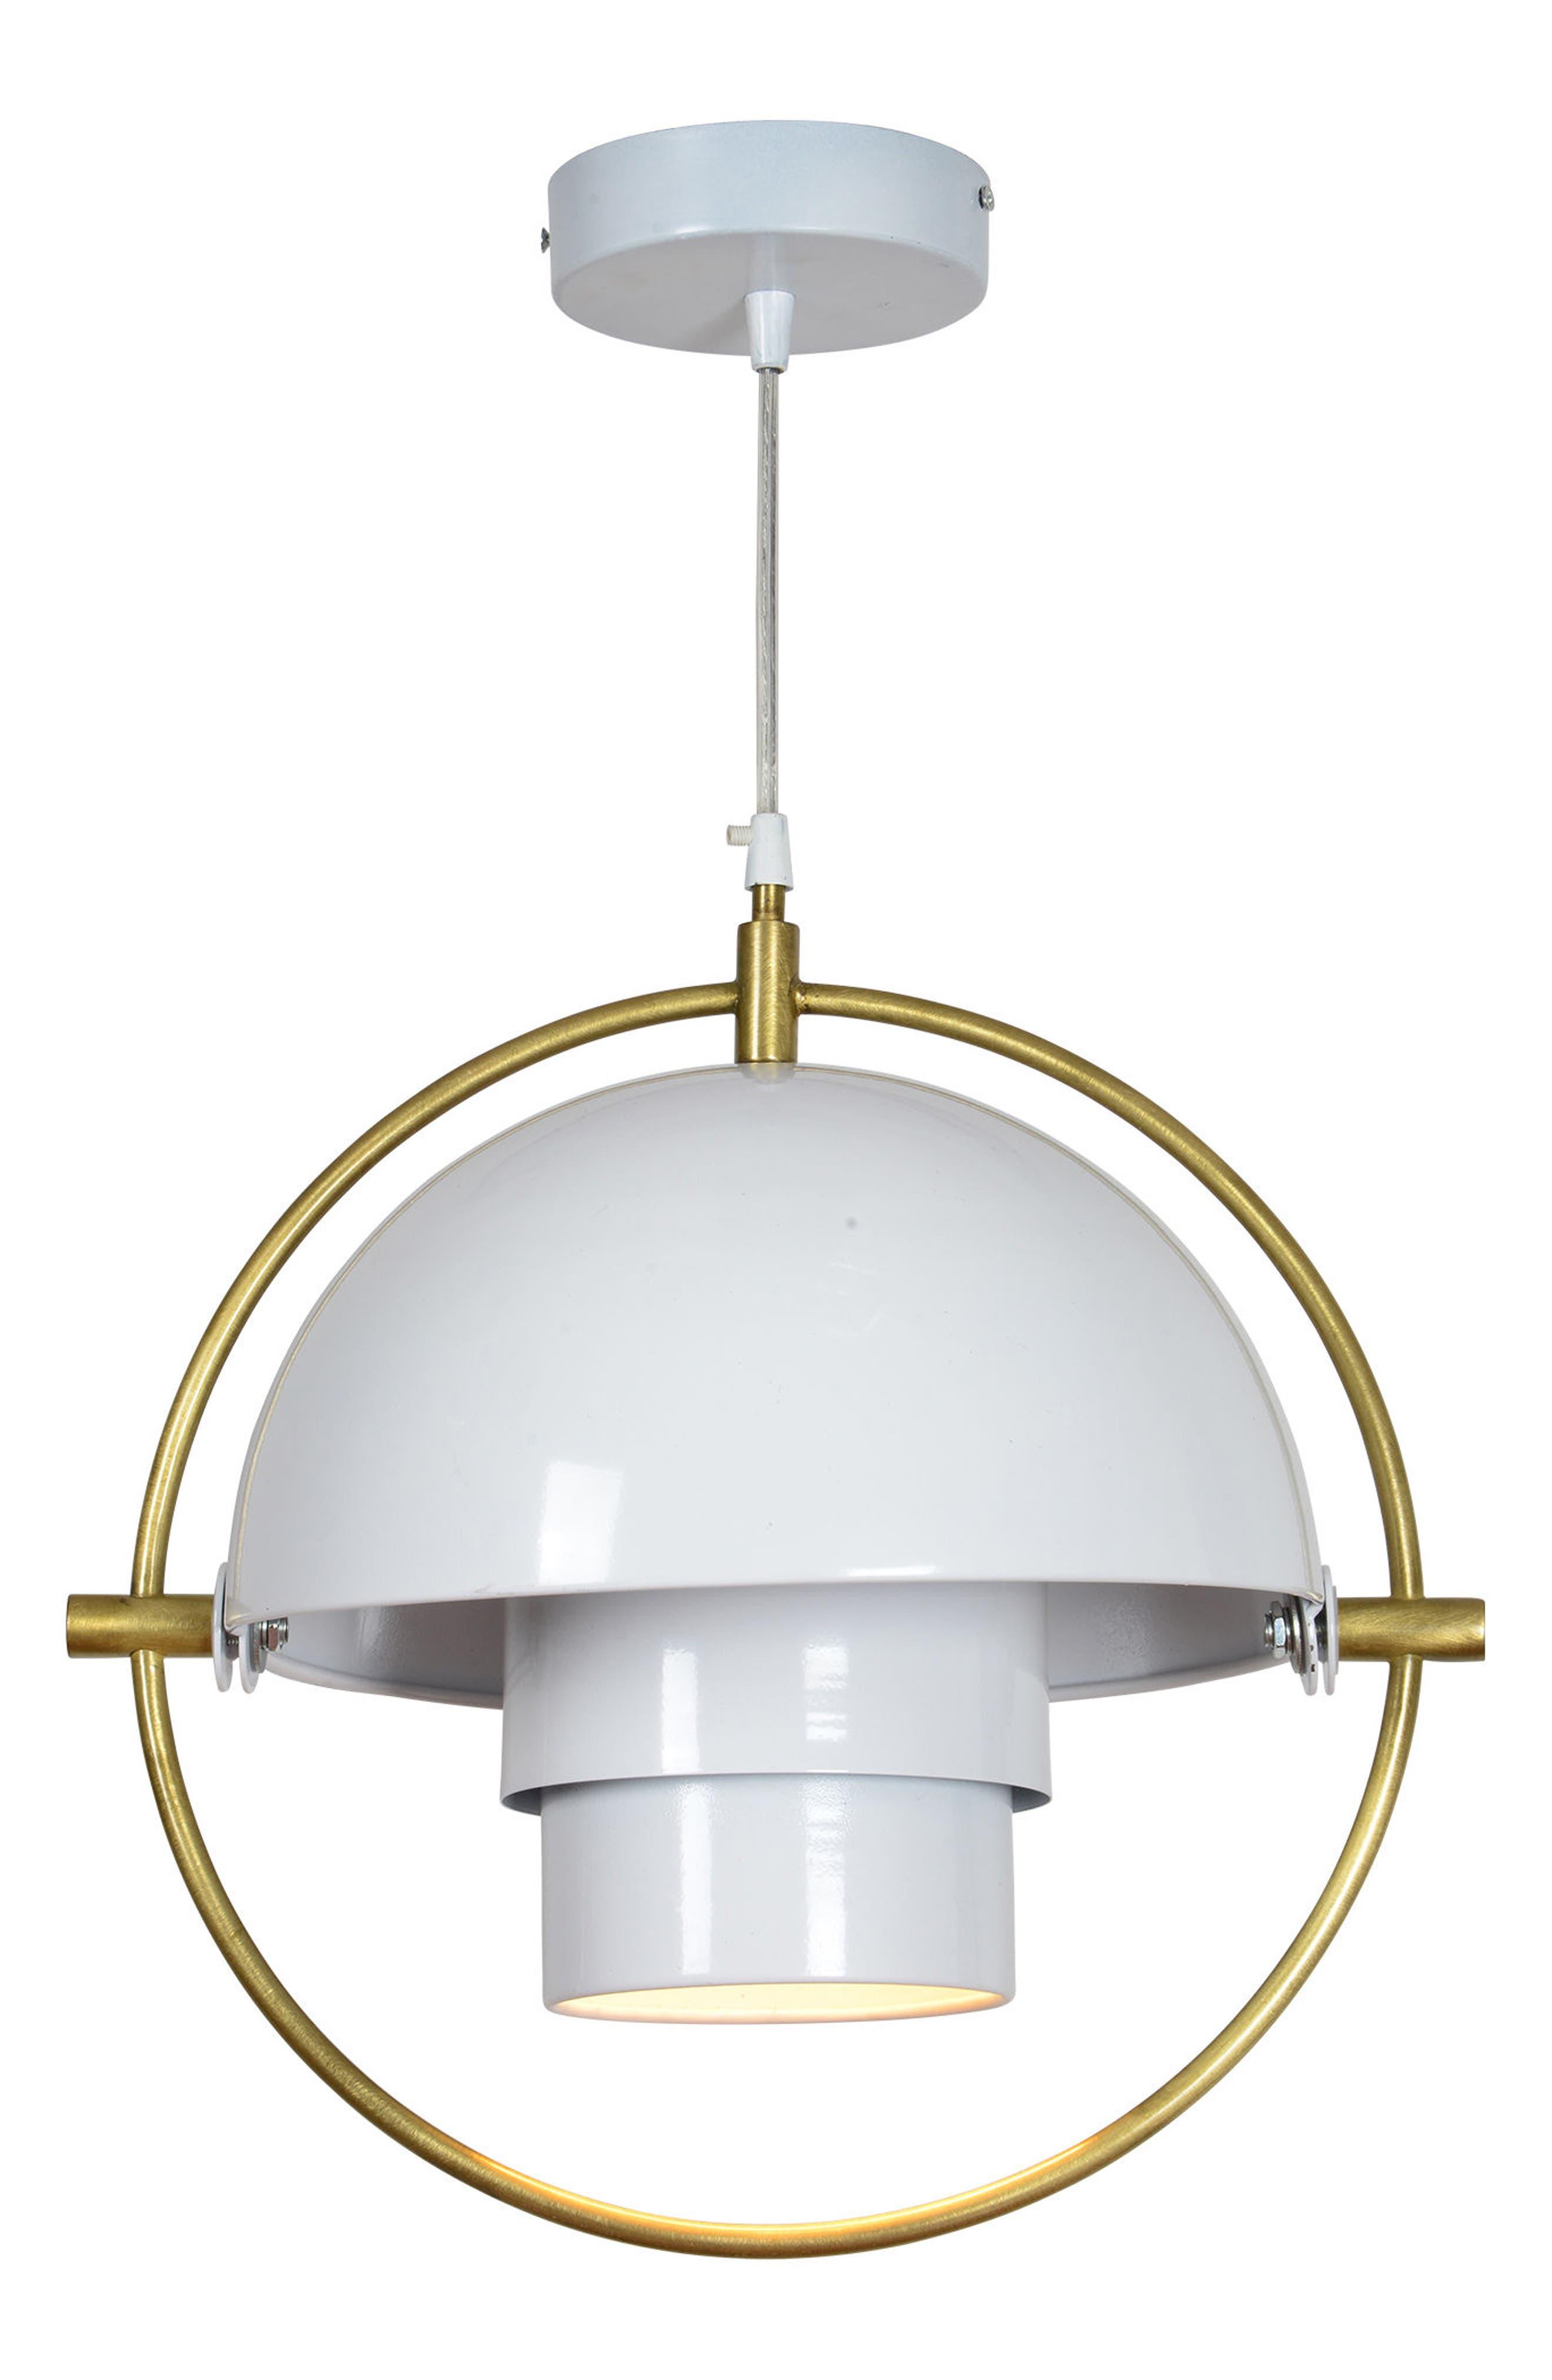 Lantern Ceiling Light Fixture,                         Main,                         color, Matte White